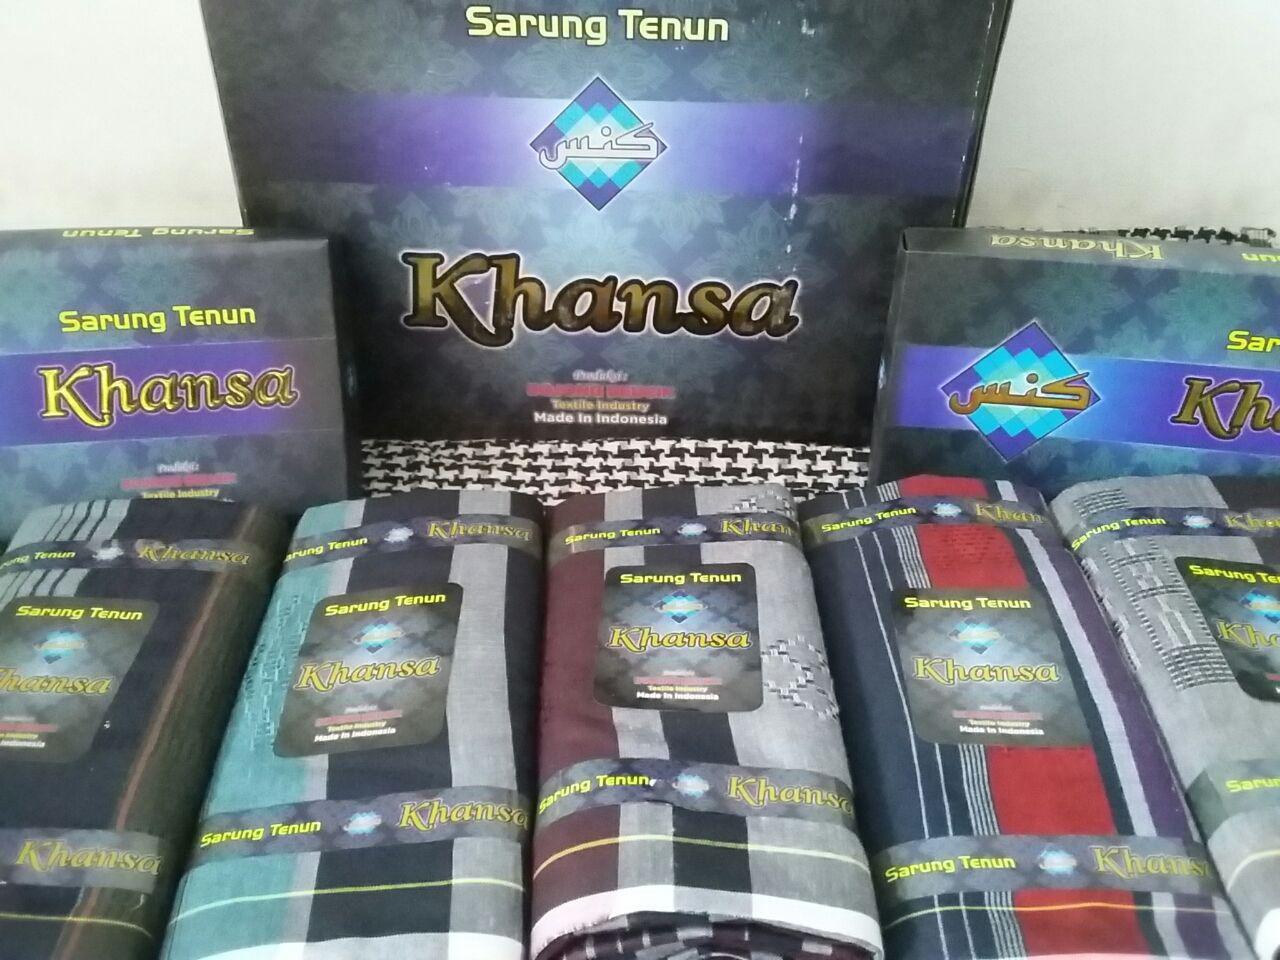 ObralanBaju.com Sarung Tenun Khansa